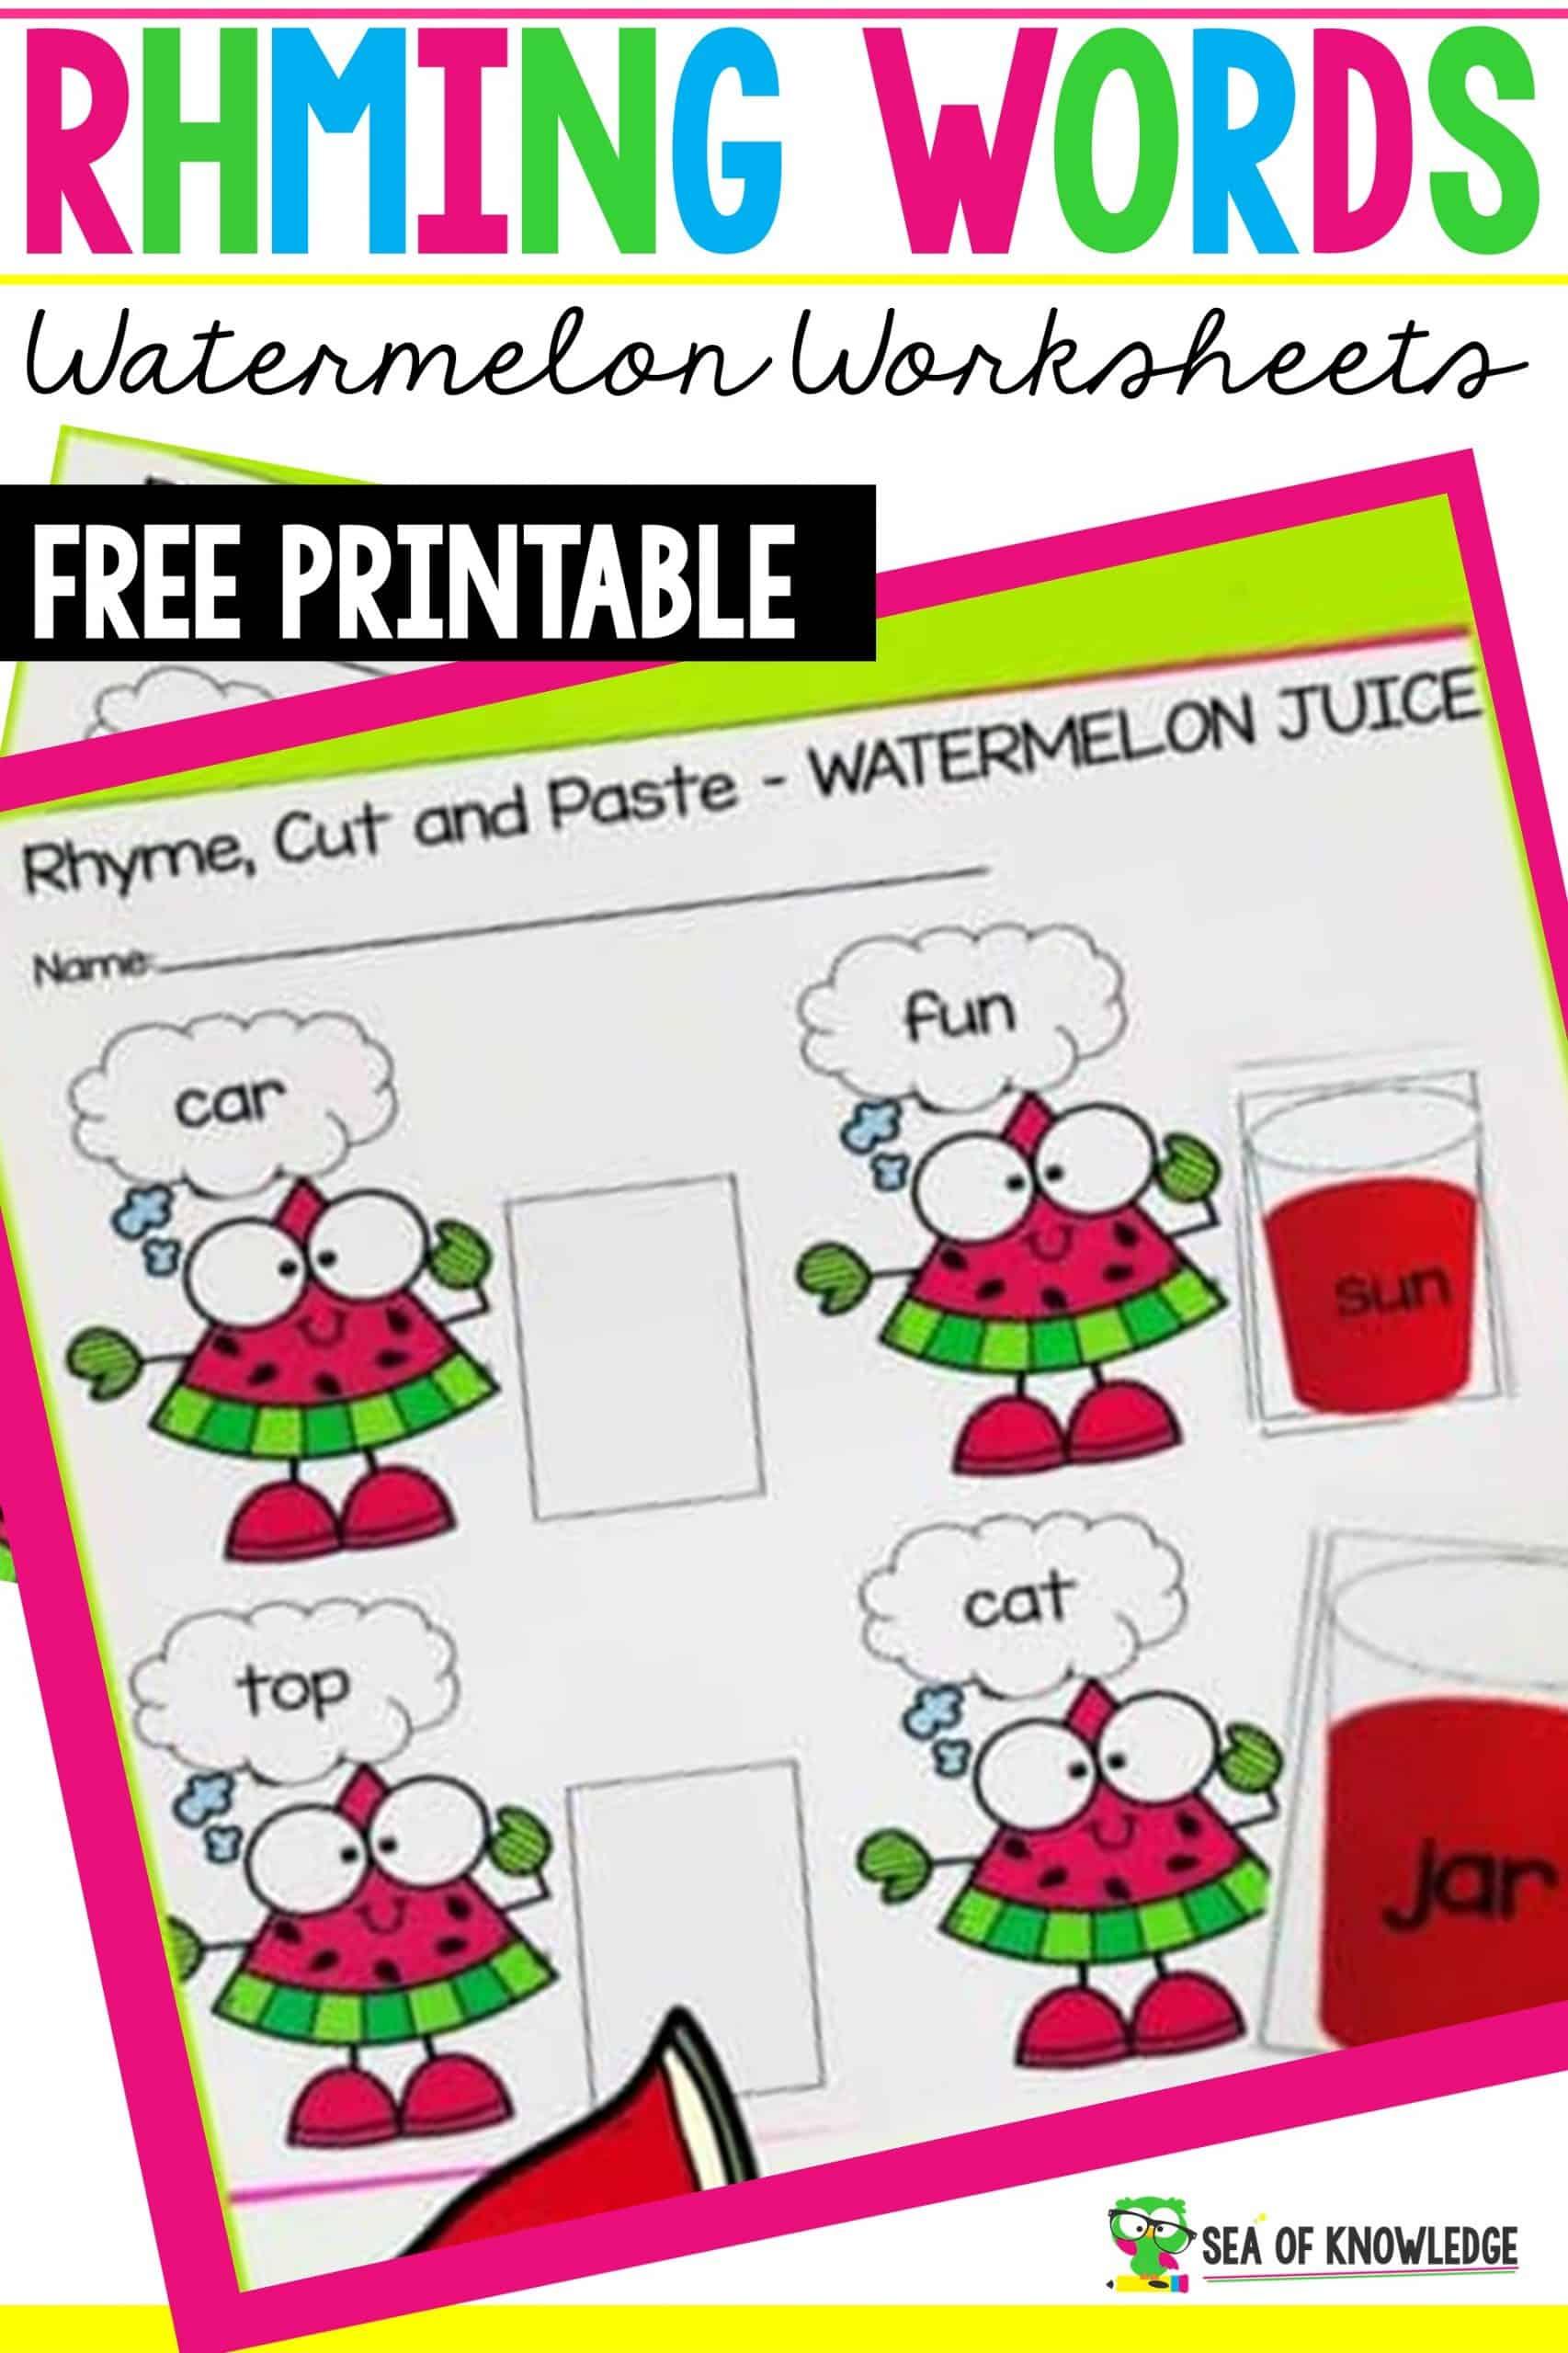 Rhyming Words Worksheets Watermelon Juice